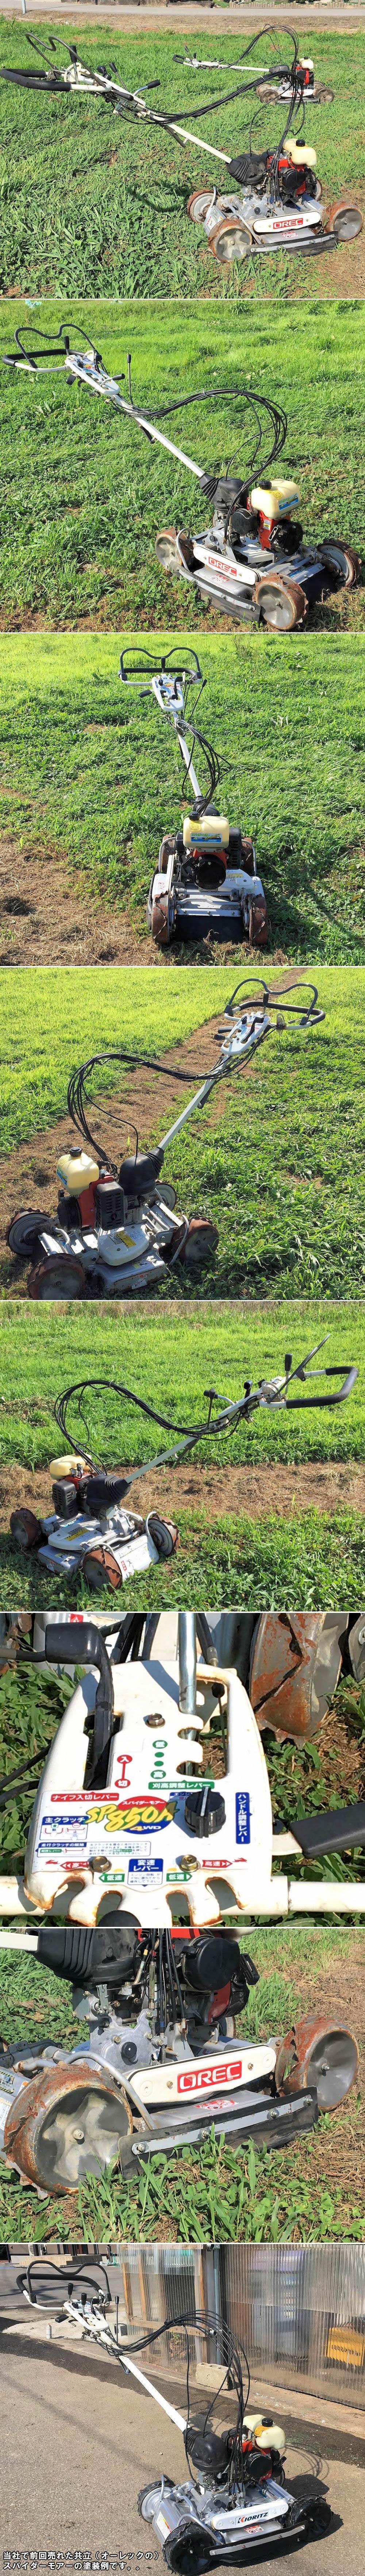 オーレック スパイダーモアー SP850A 4WD 畦(あぜ)草刈機 斜面 畦畔 中古美品 ①